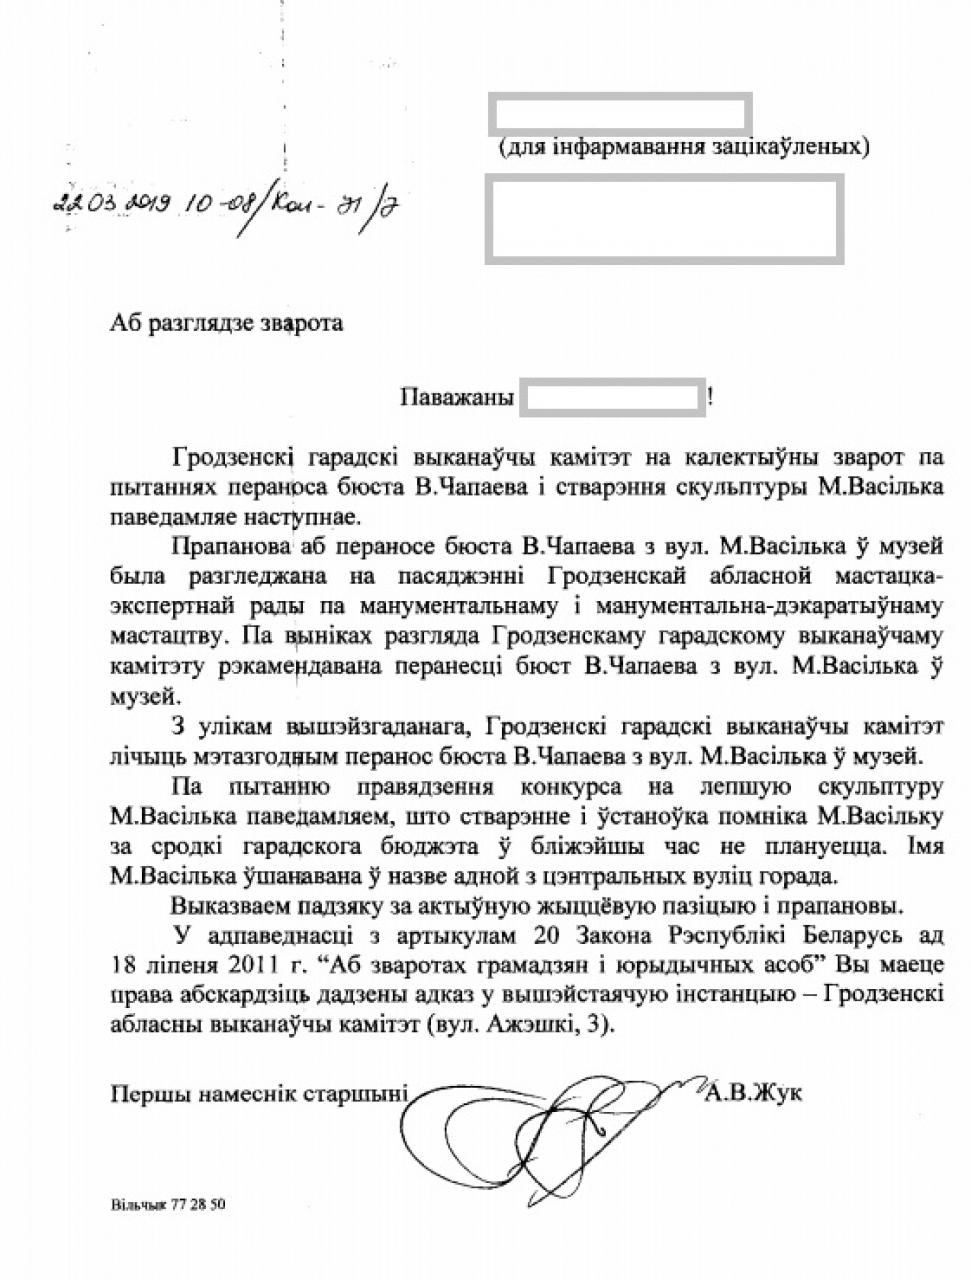 Петиция бюст Чапаеву ответ.jpg